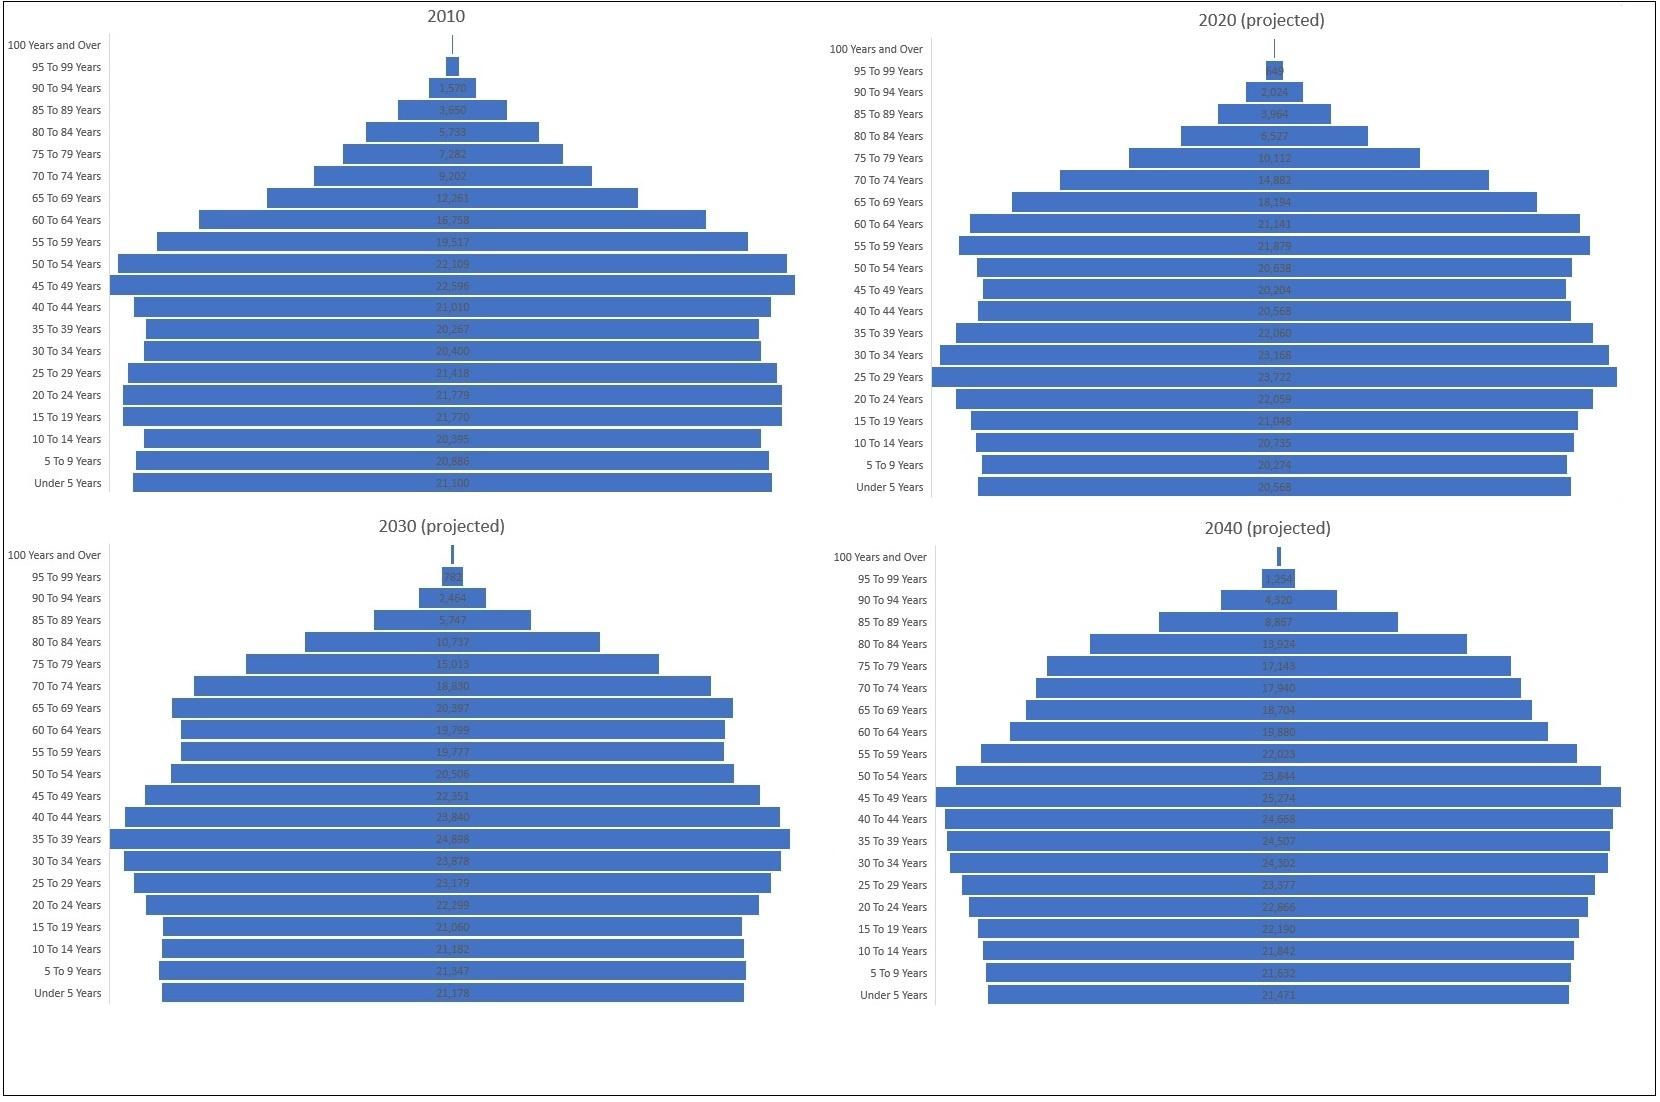 Age group fan chart